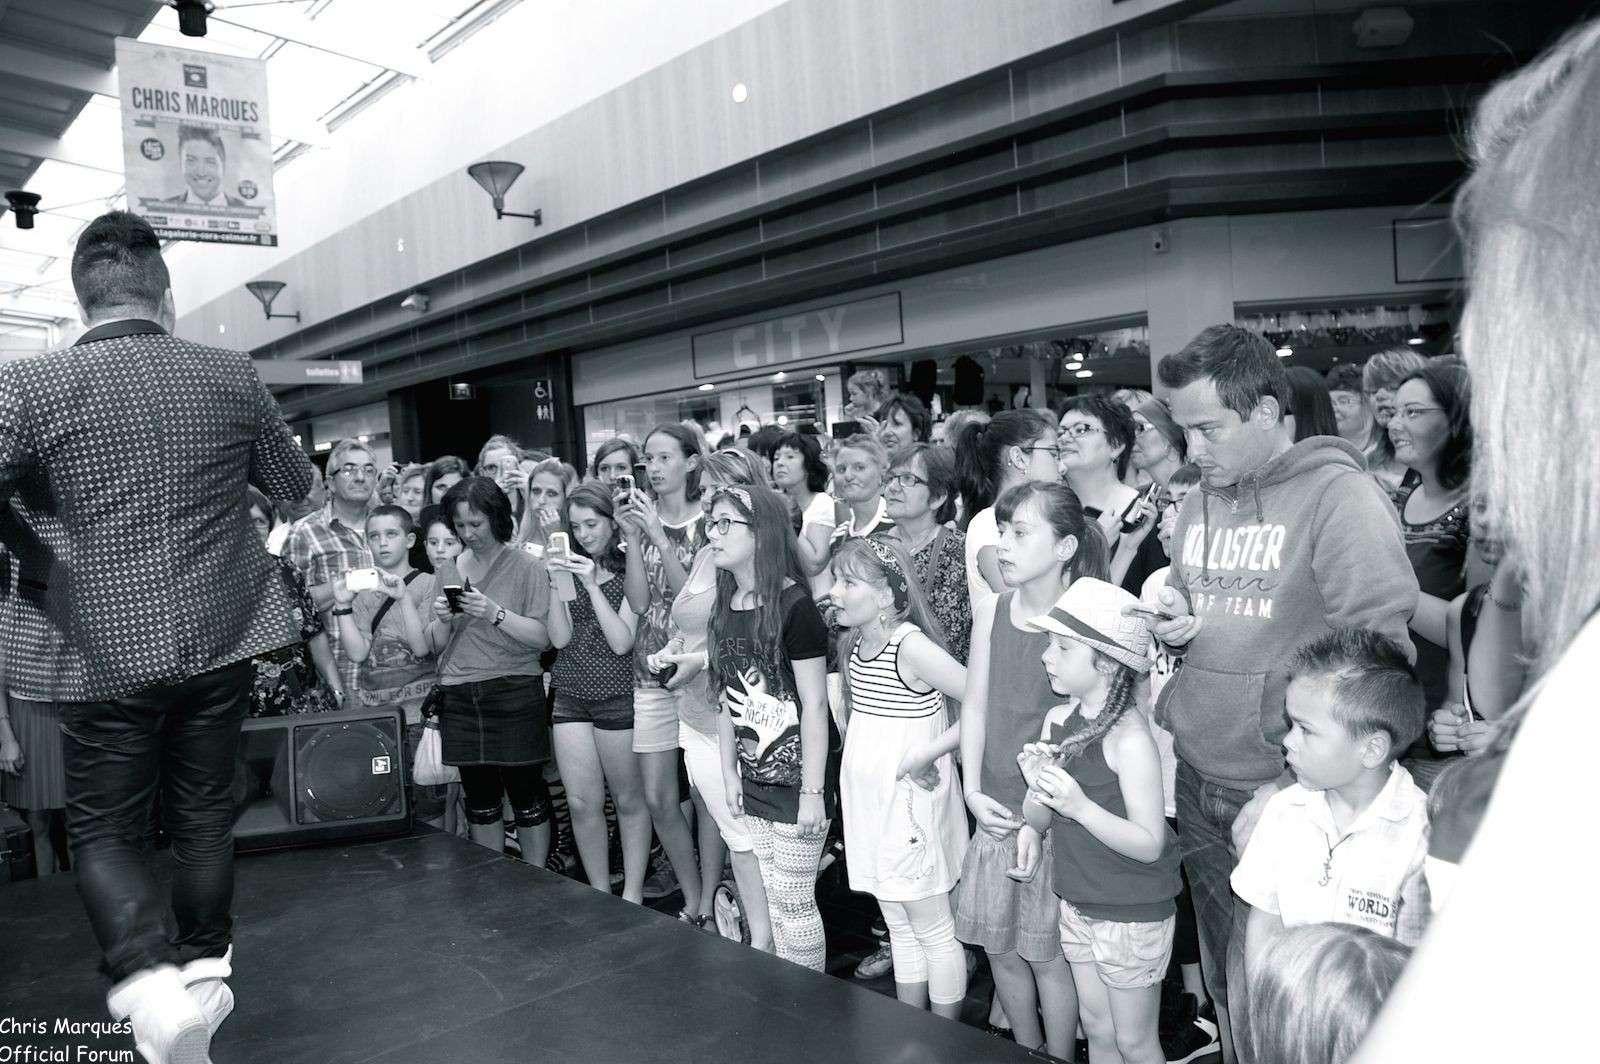 [14.06.2014] Evénement à #Colmar Chris Marques et Jaclyn Spencer pour un Flashmob/Cours de Danse/Dédicaces exceptionnels le tout organisé par la MJC de Colmar 8411